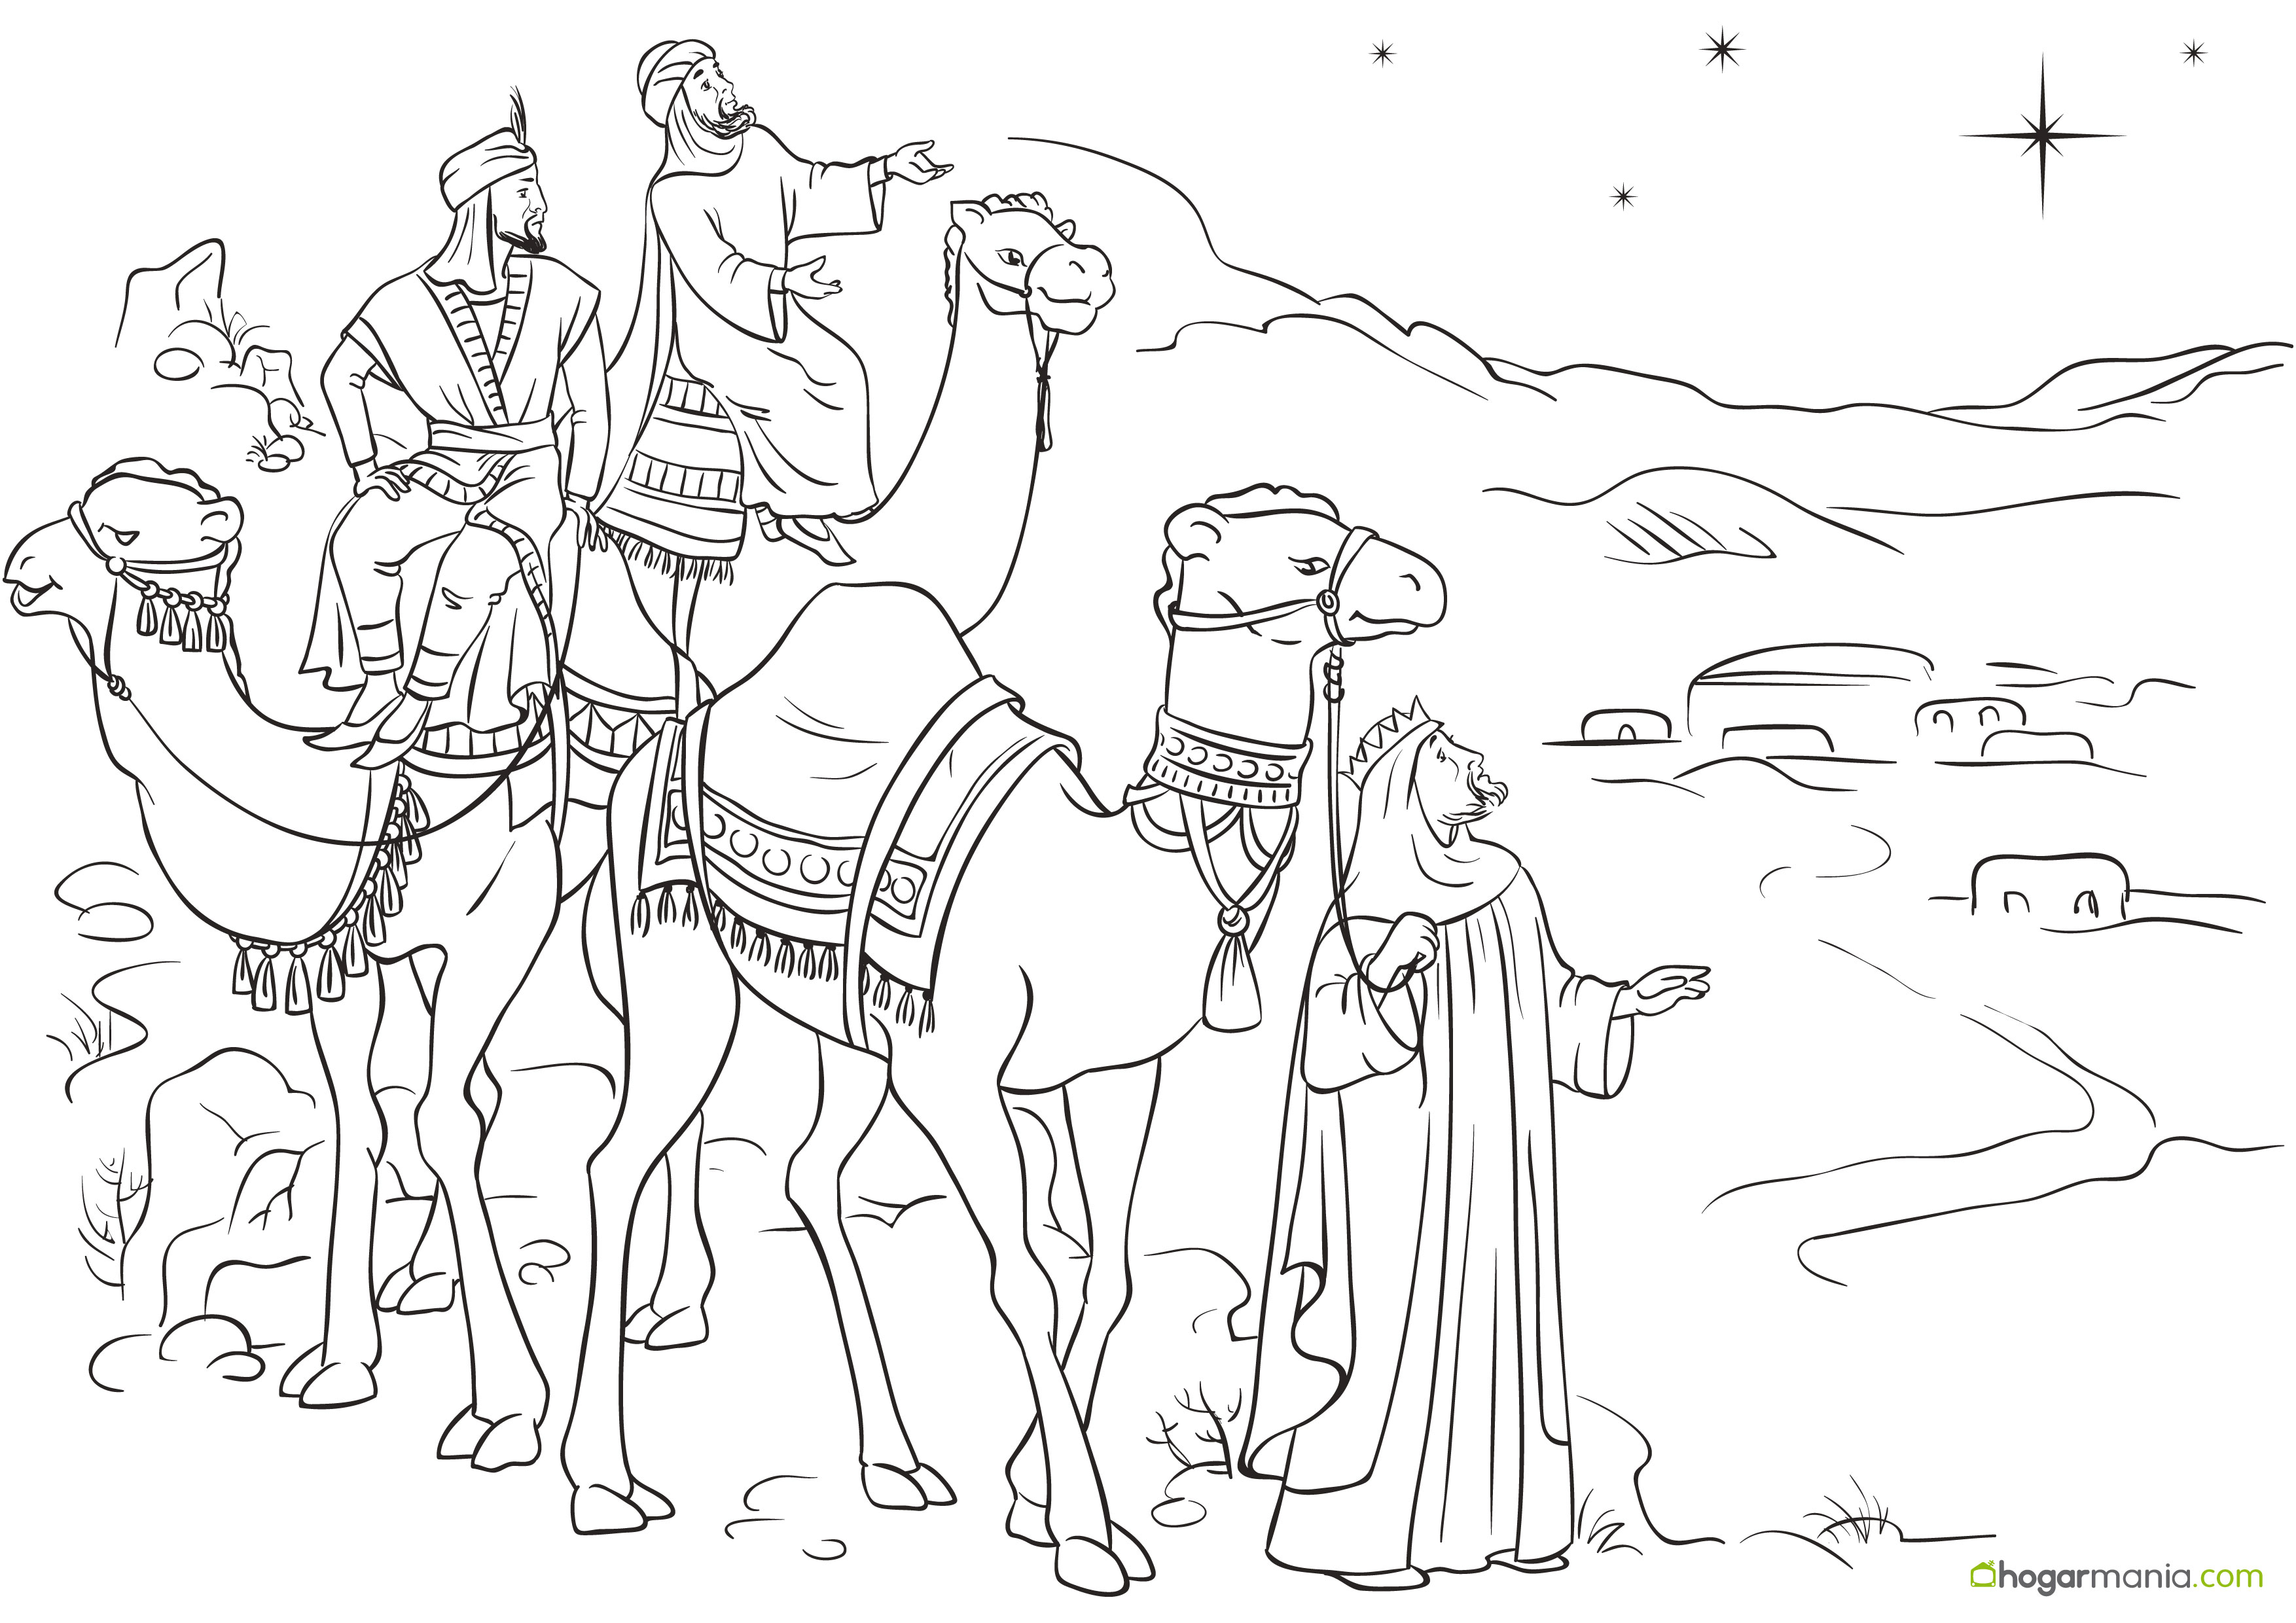 Dibujo De Rosca De Reyes Para Colorear: Dibujos De Reyes Magos Para Colorear